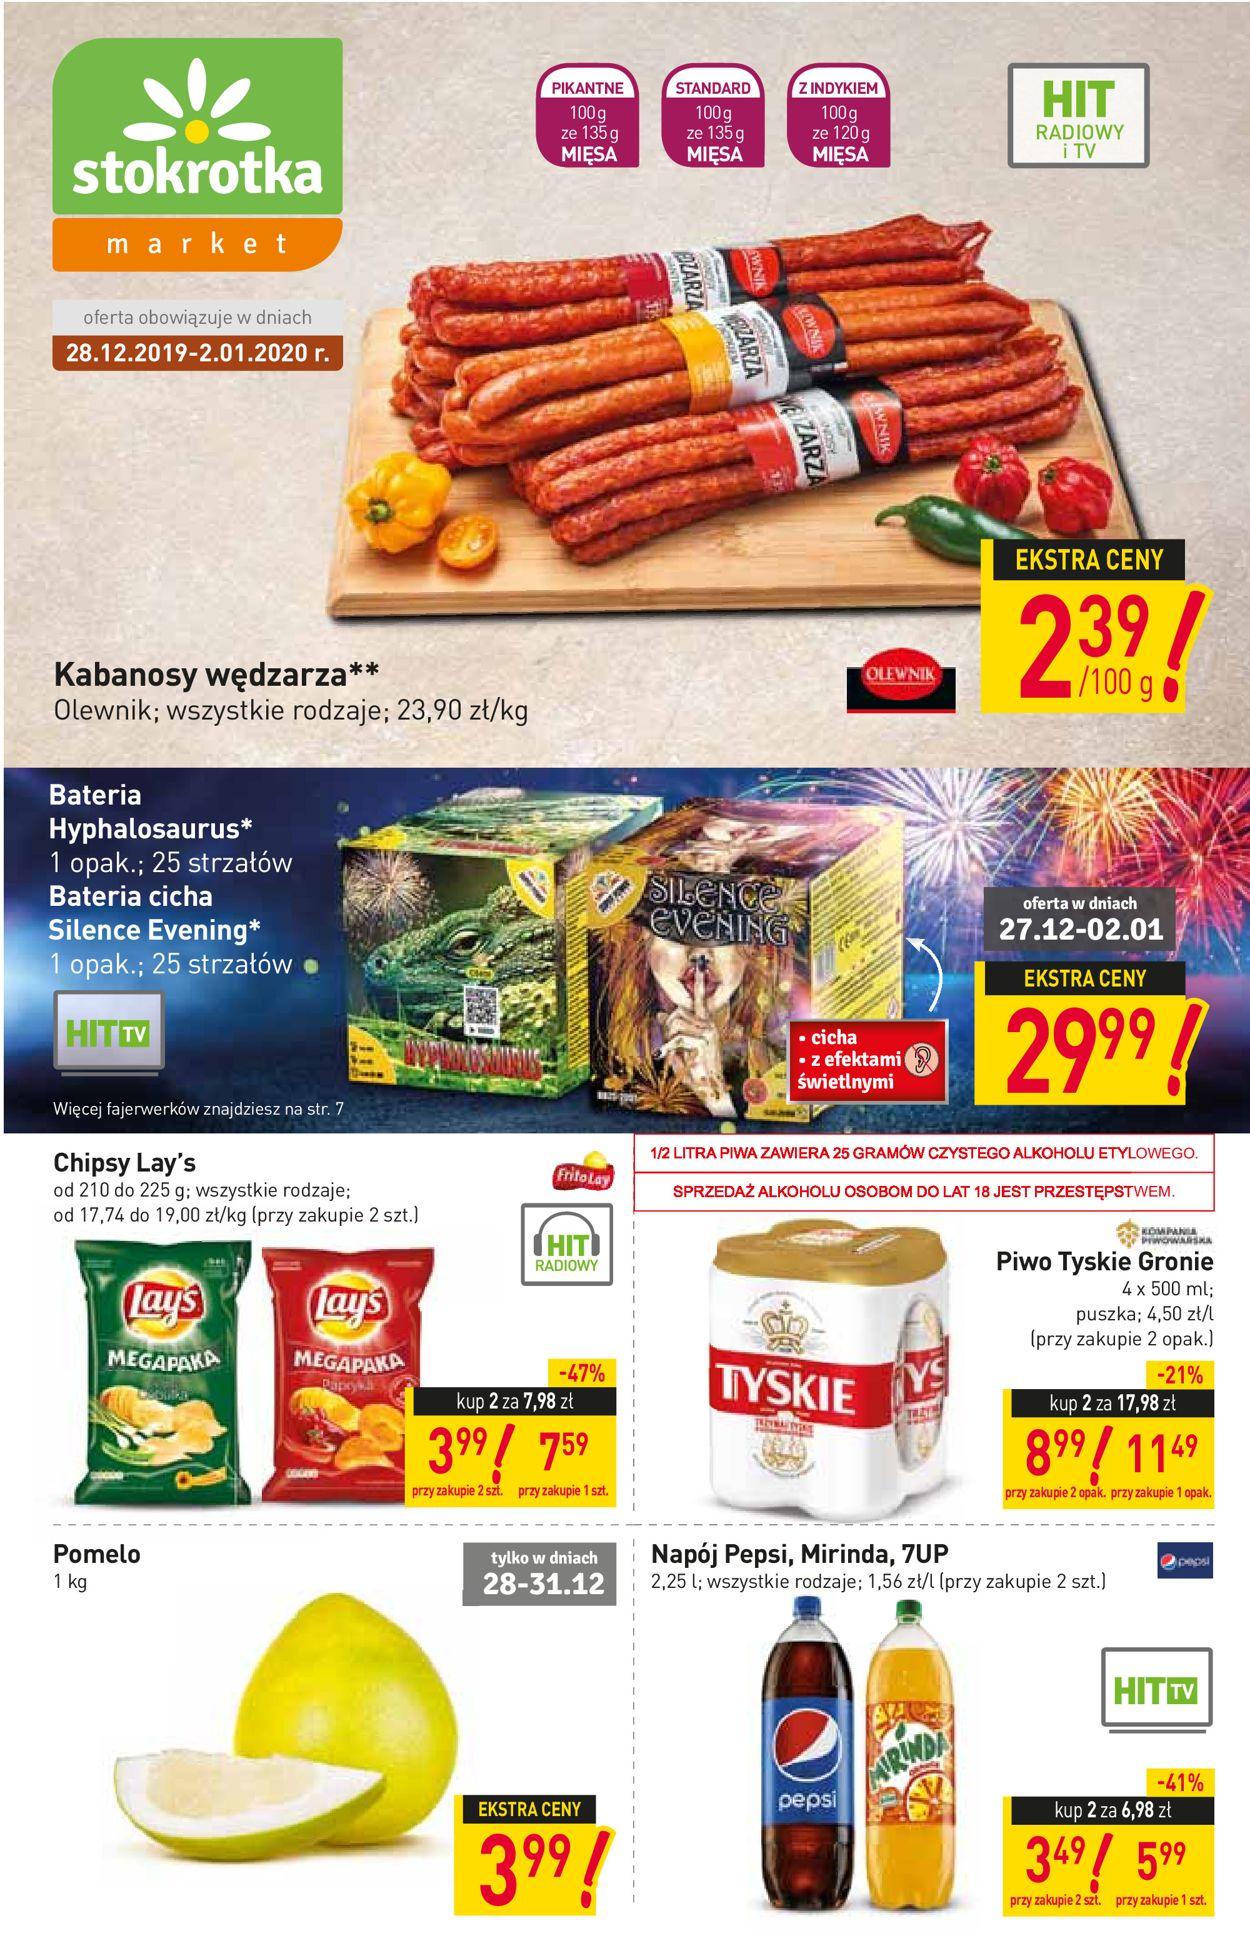 Gazetka promocyjna Stokrotka - Gazetka Sylwestrowa 2019/2020 - 28.12-02.01.2020